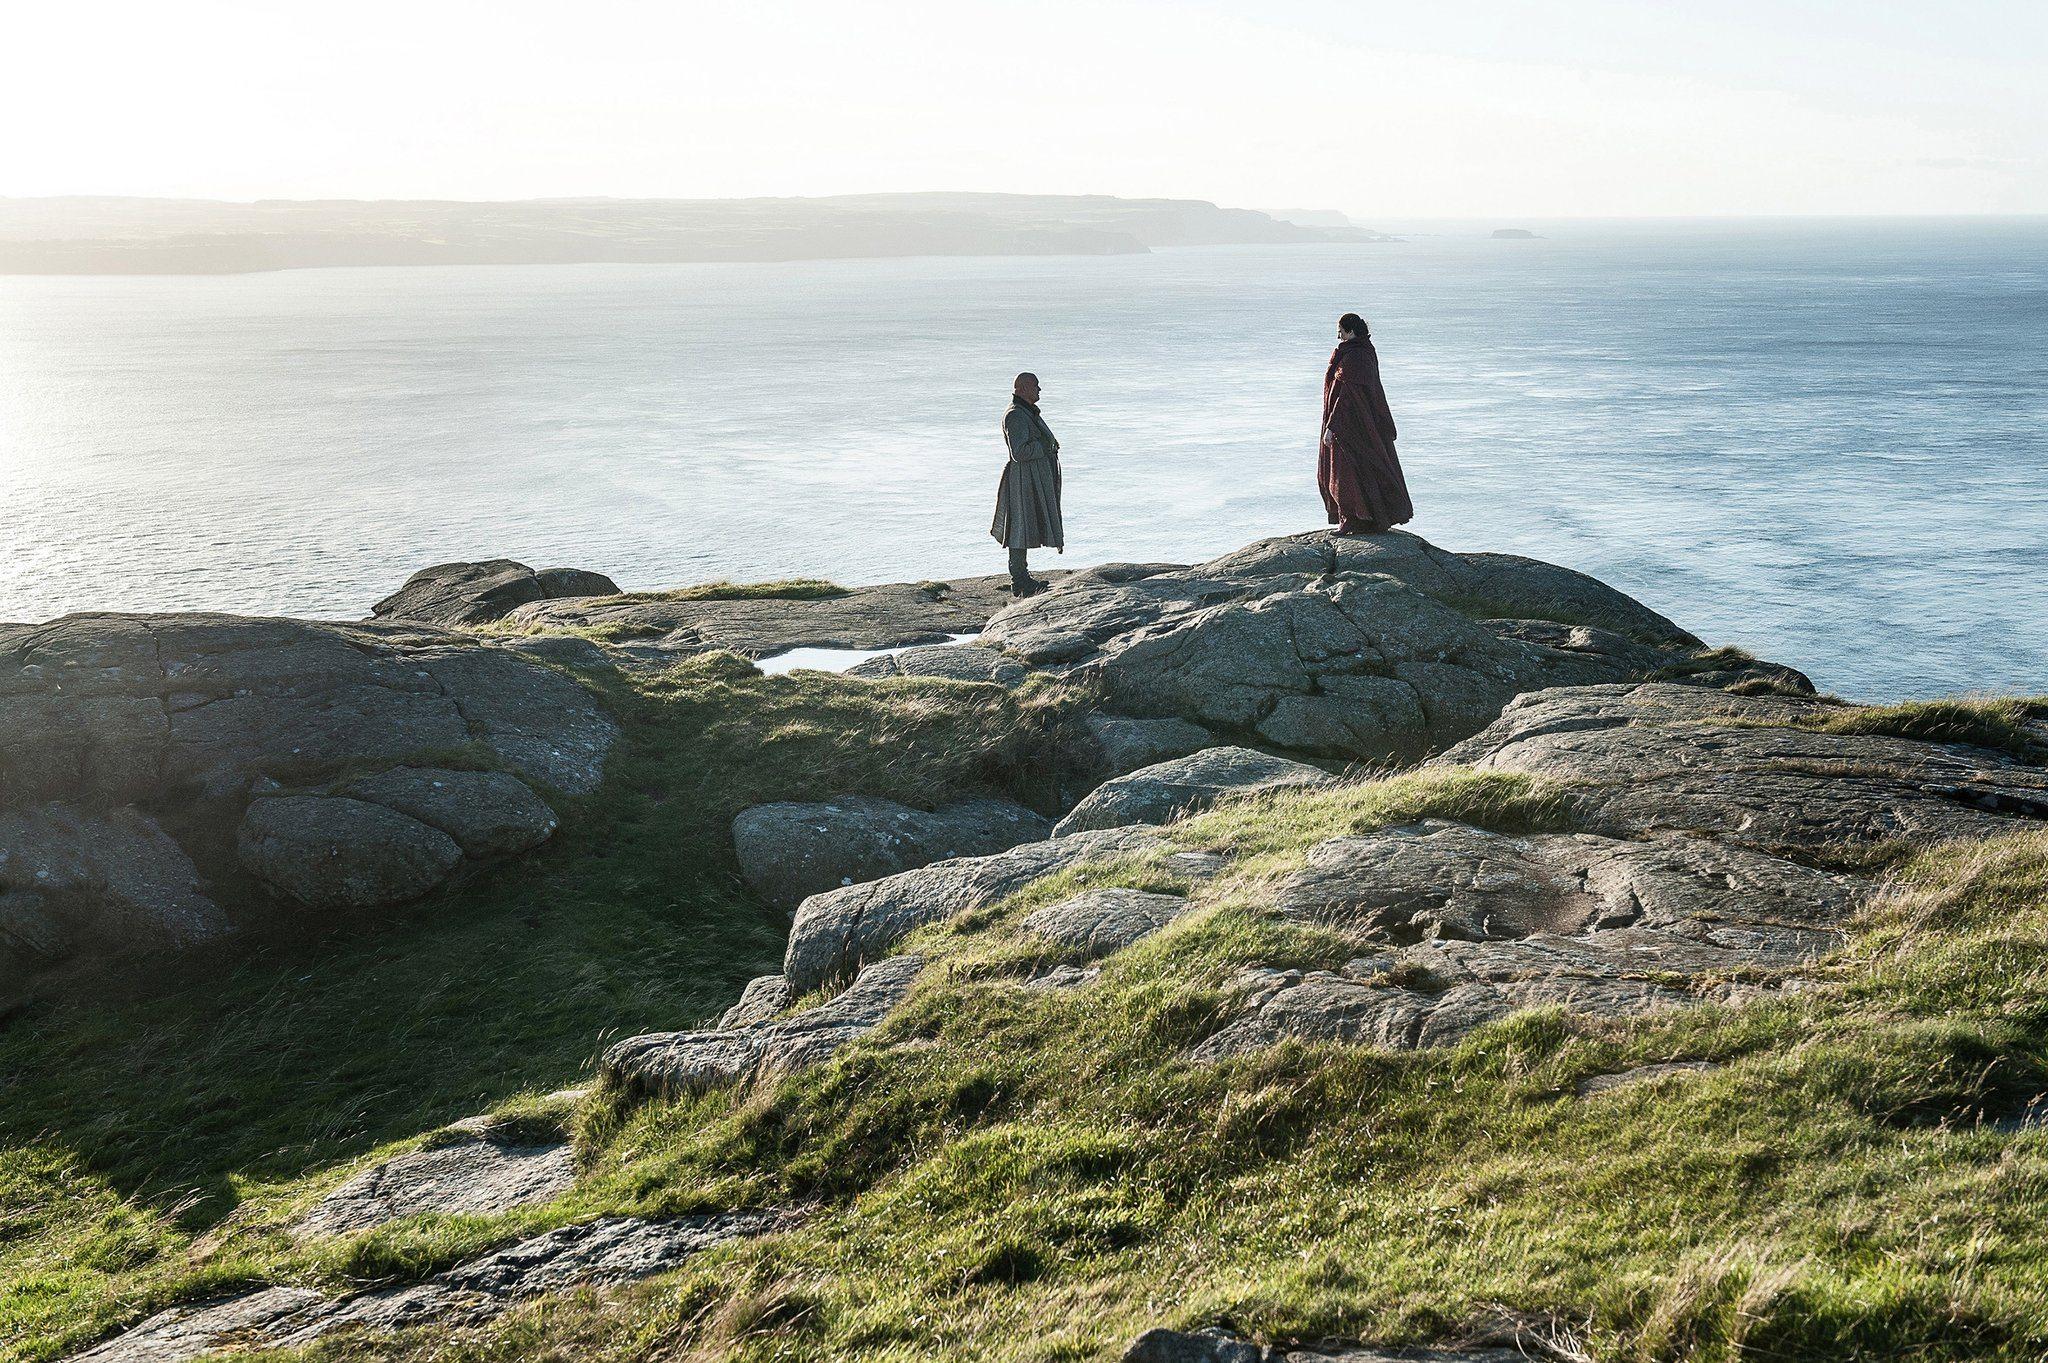 Varys and Melisandre speak on a cliff beside the ocean